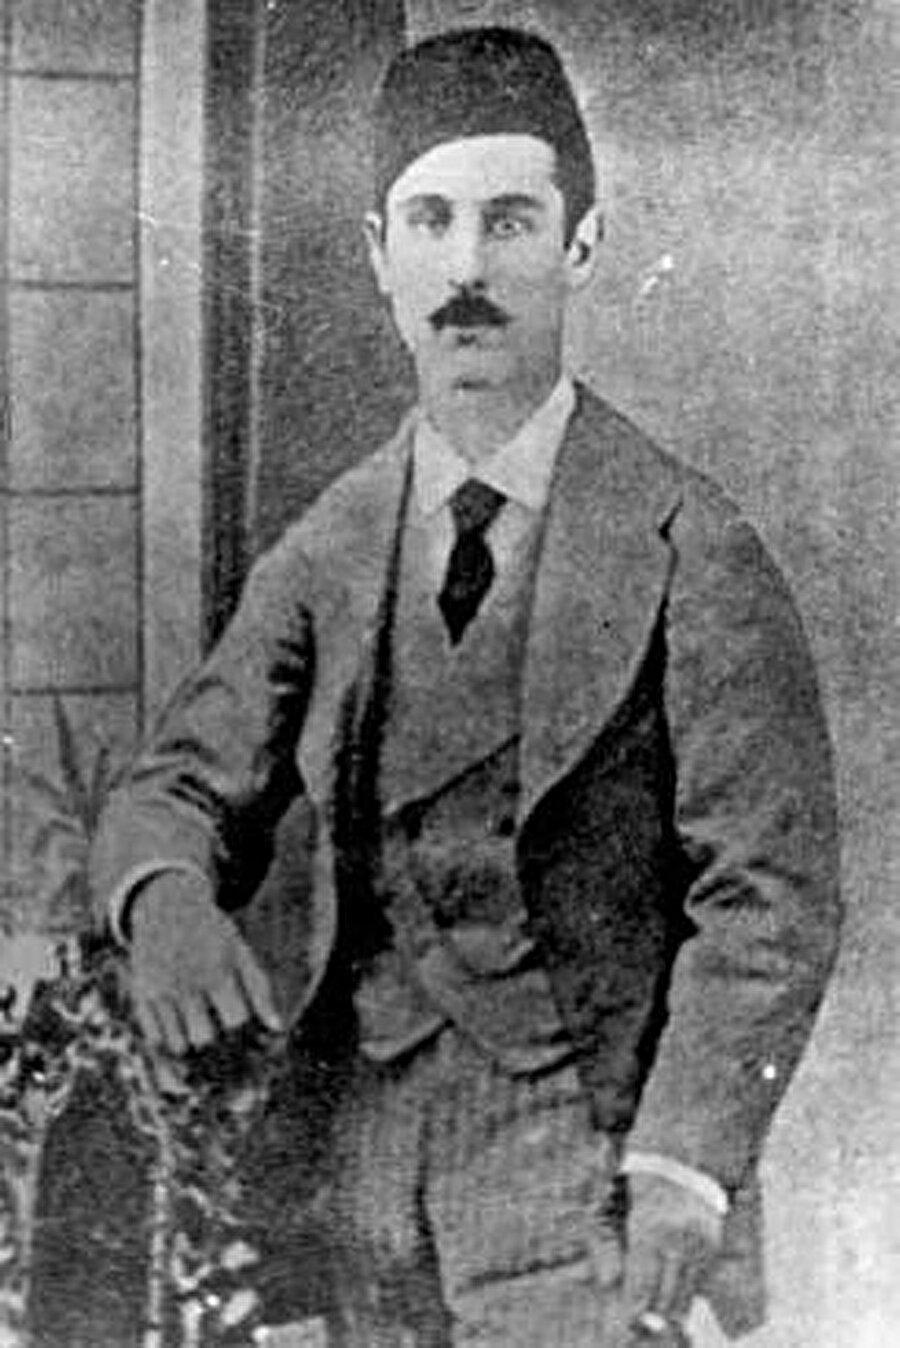 İsmail Gaspıralı'nın 1872'de çekilen bir fotoğrafı.